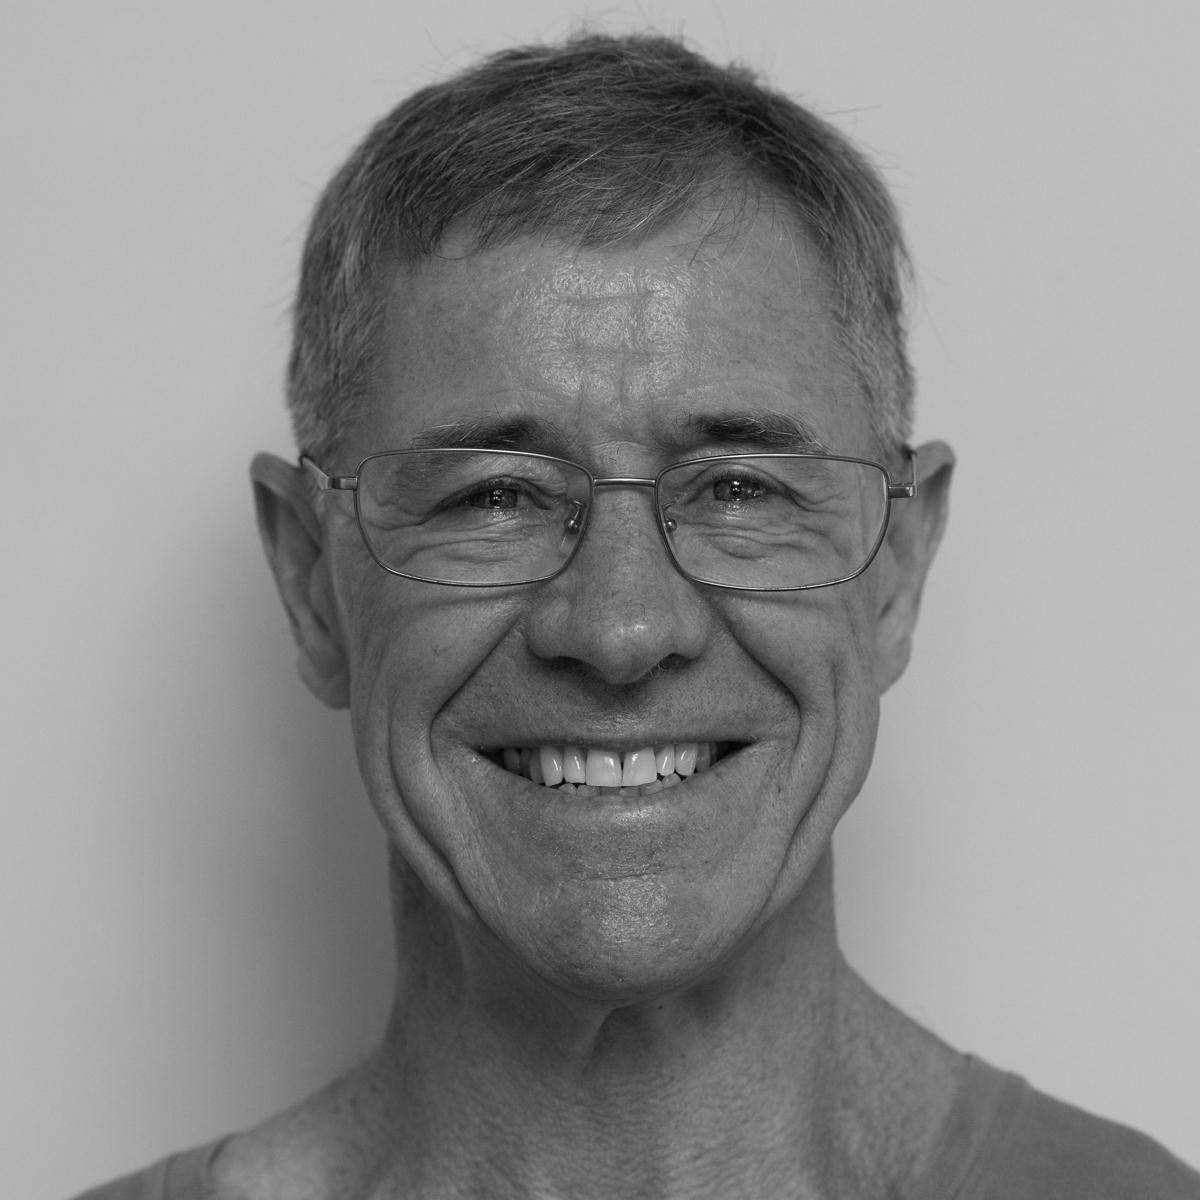 Rob Greville, founder of Aquarius Design